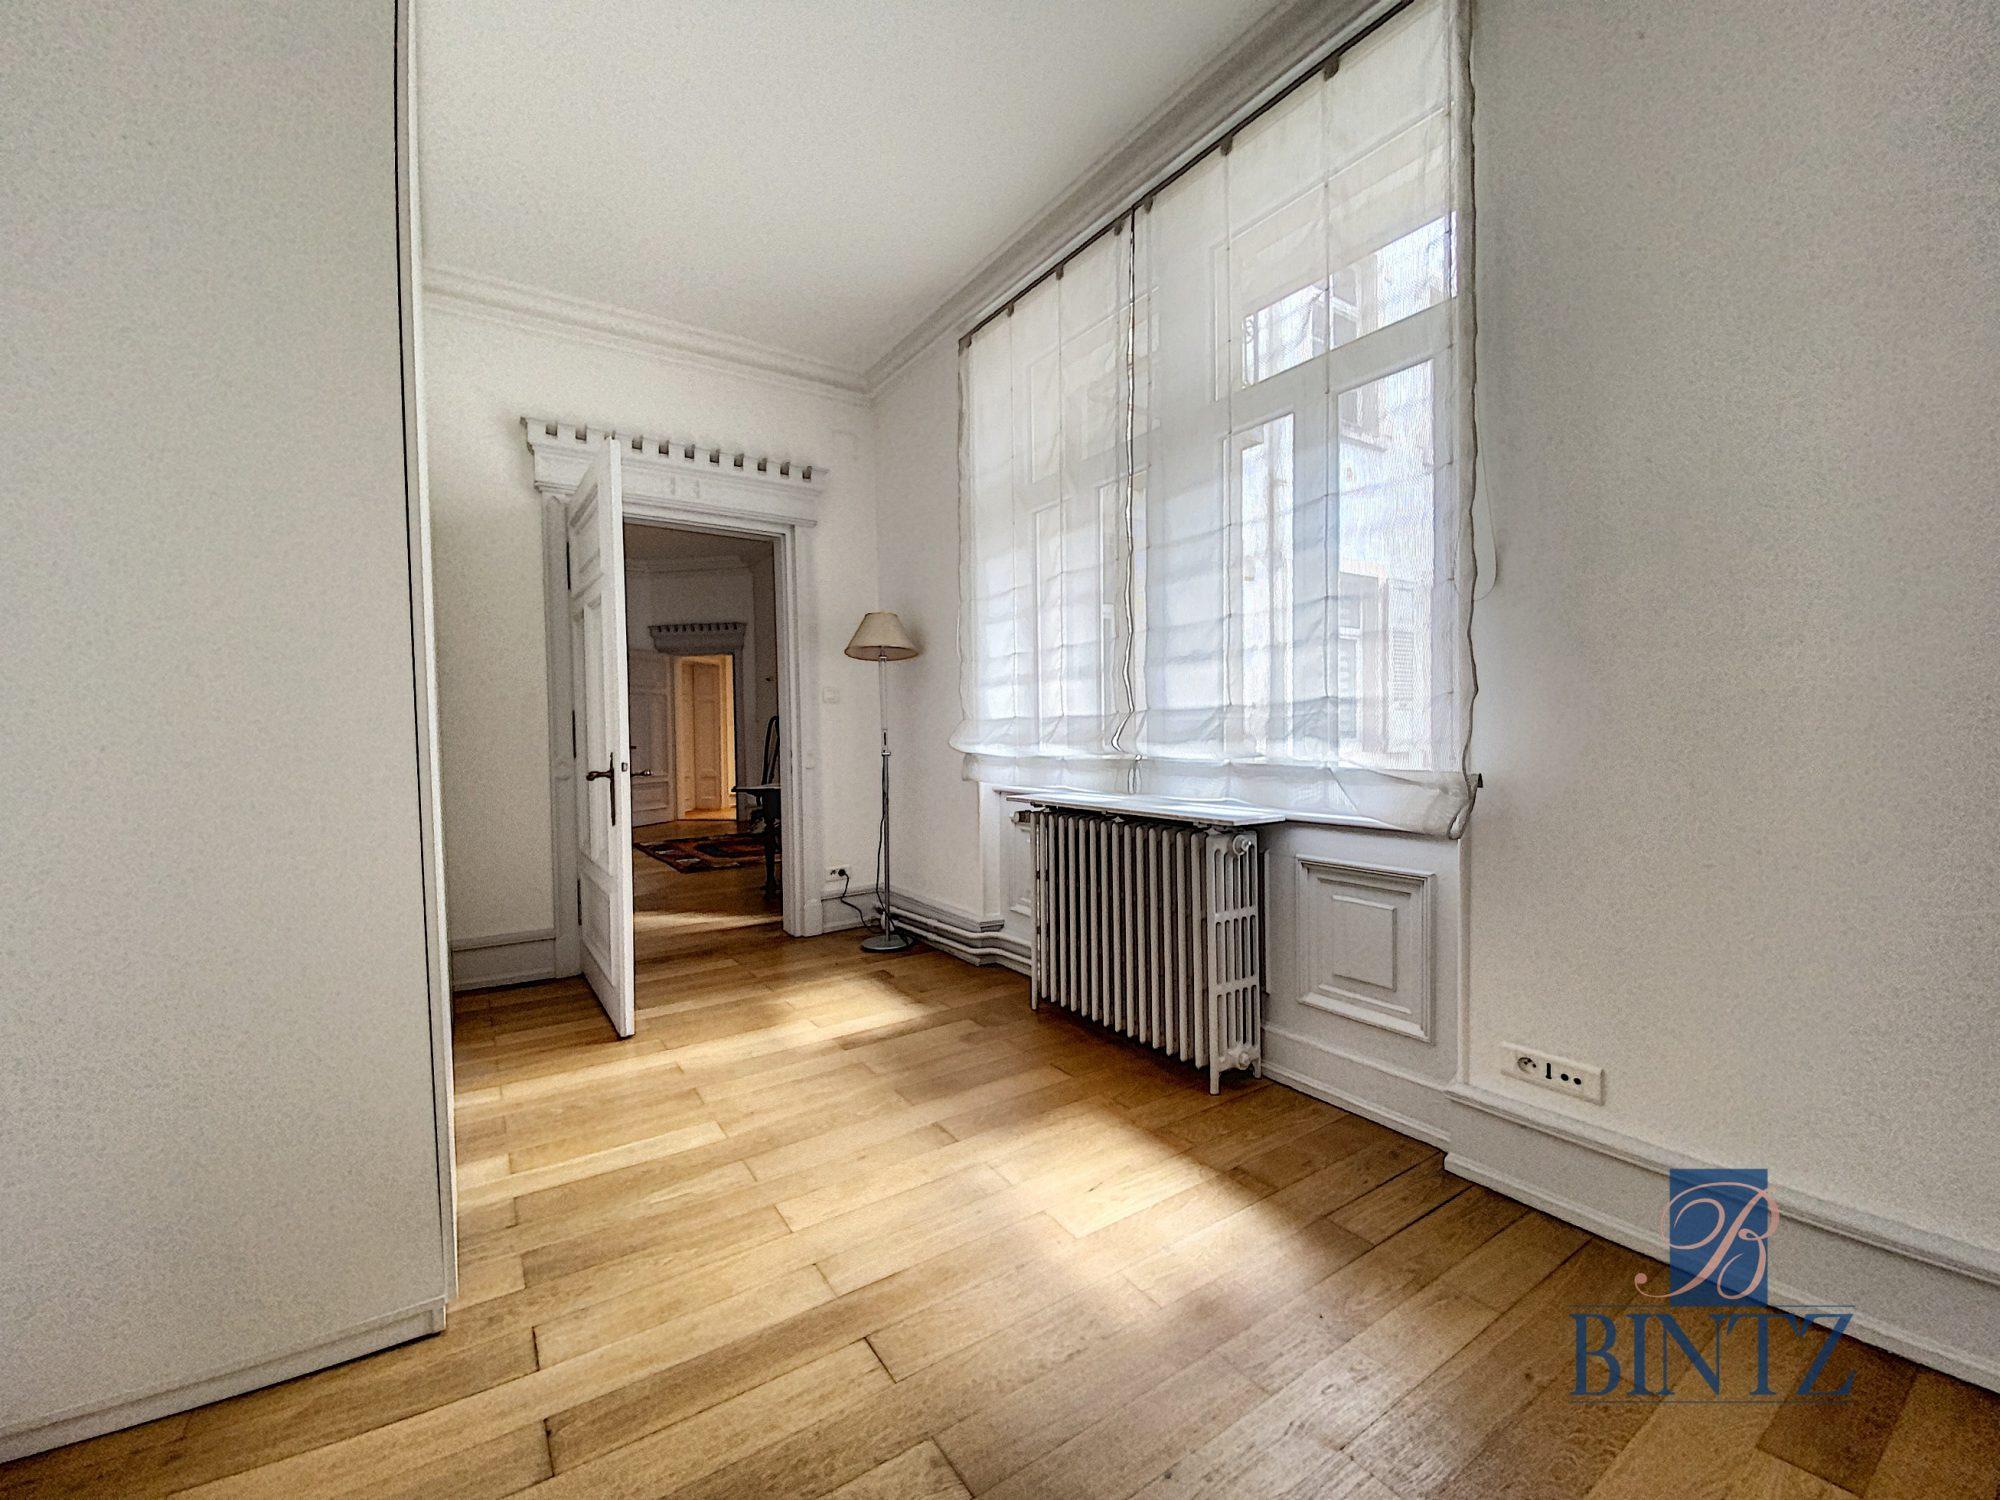 Magnifique 6 pièces de 164m2 Quartier Neustadt - Devenez propriétaire en toute confiance - Bintz Immobilier - 13